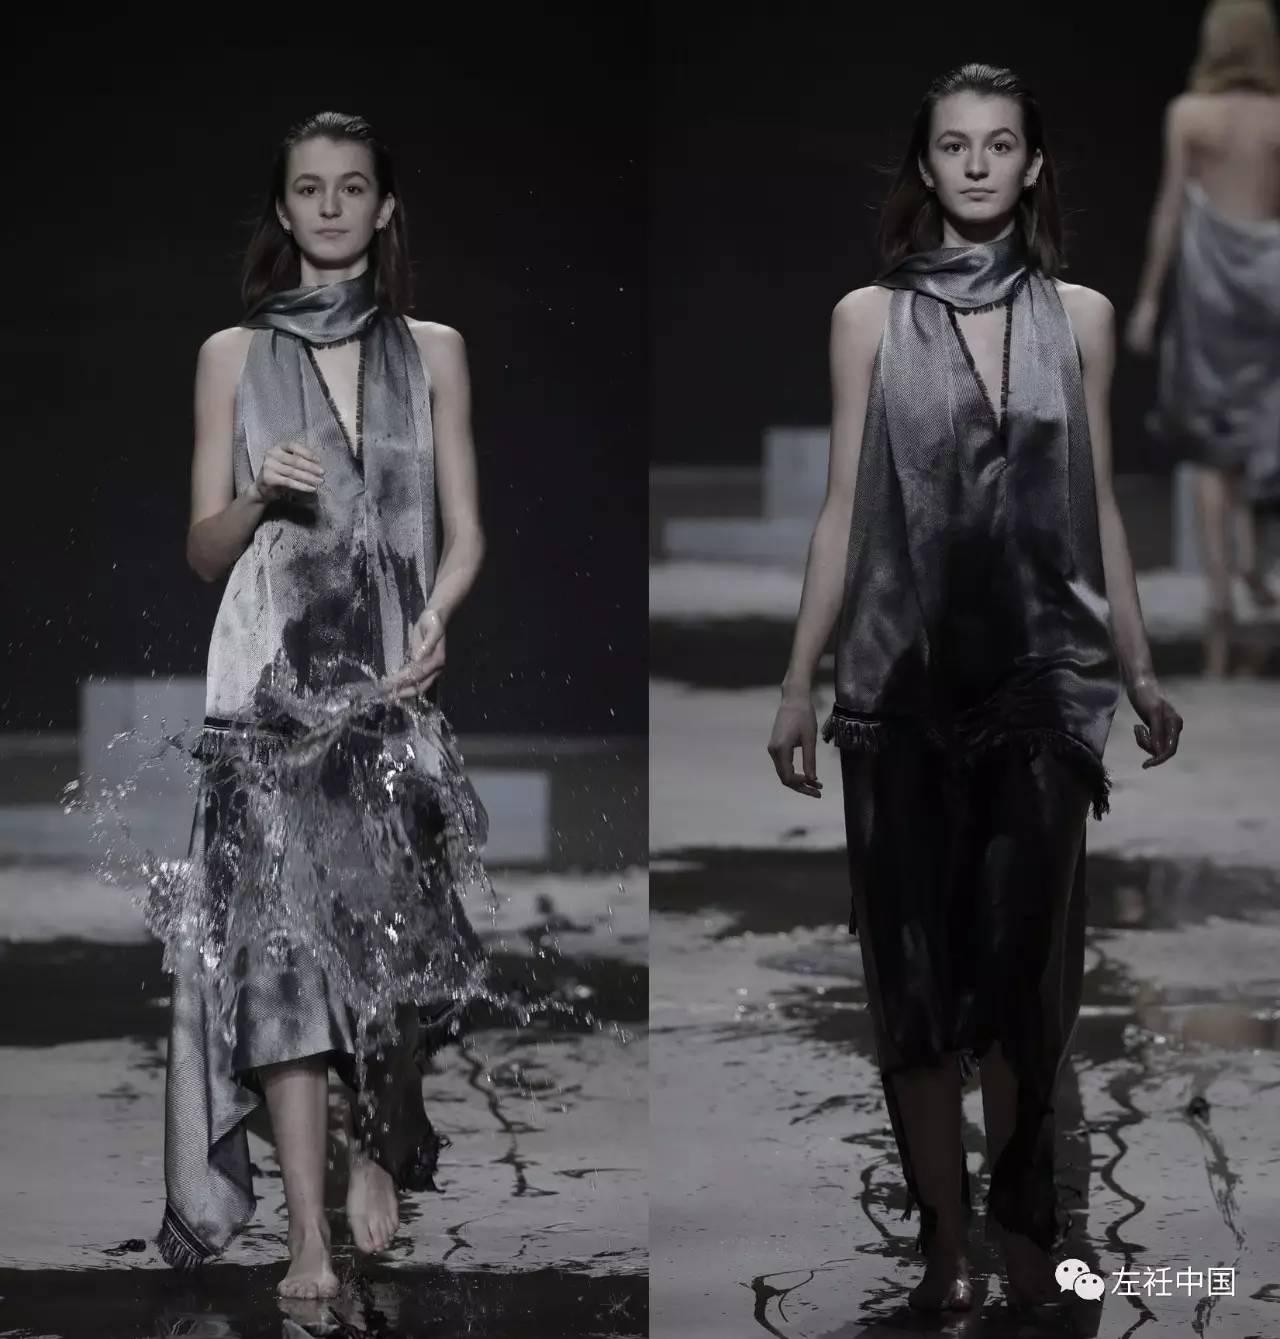 遇水即溶的未来时装震撼全场 ART 第29张